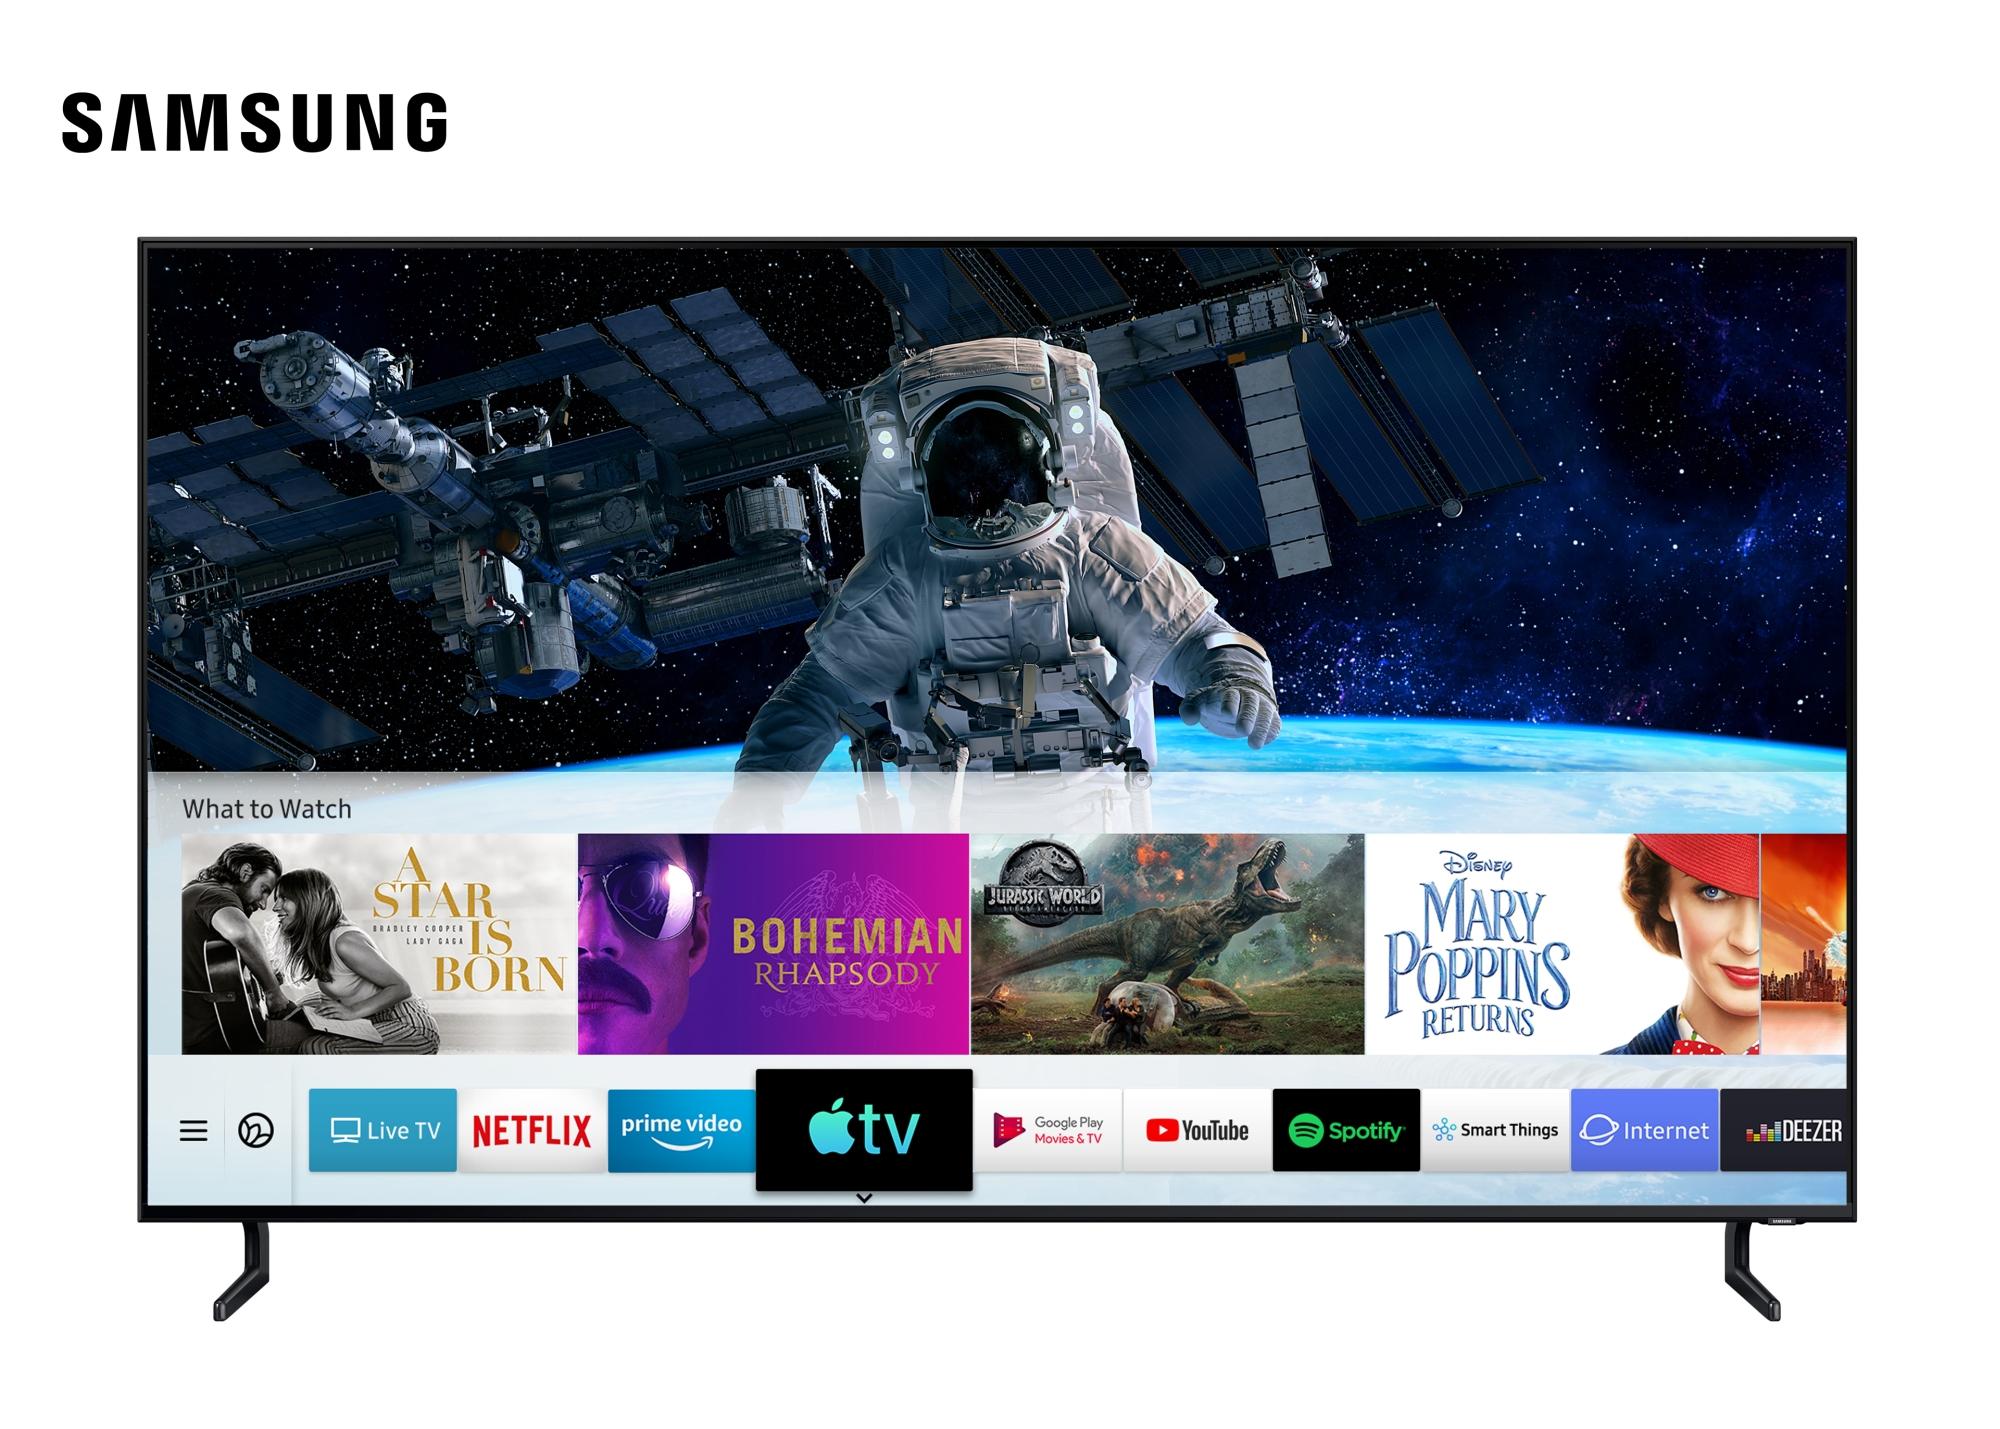 Samsung става първият ТВ производител, който предлага приложенията Apple TV и AirPlay 2